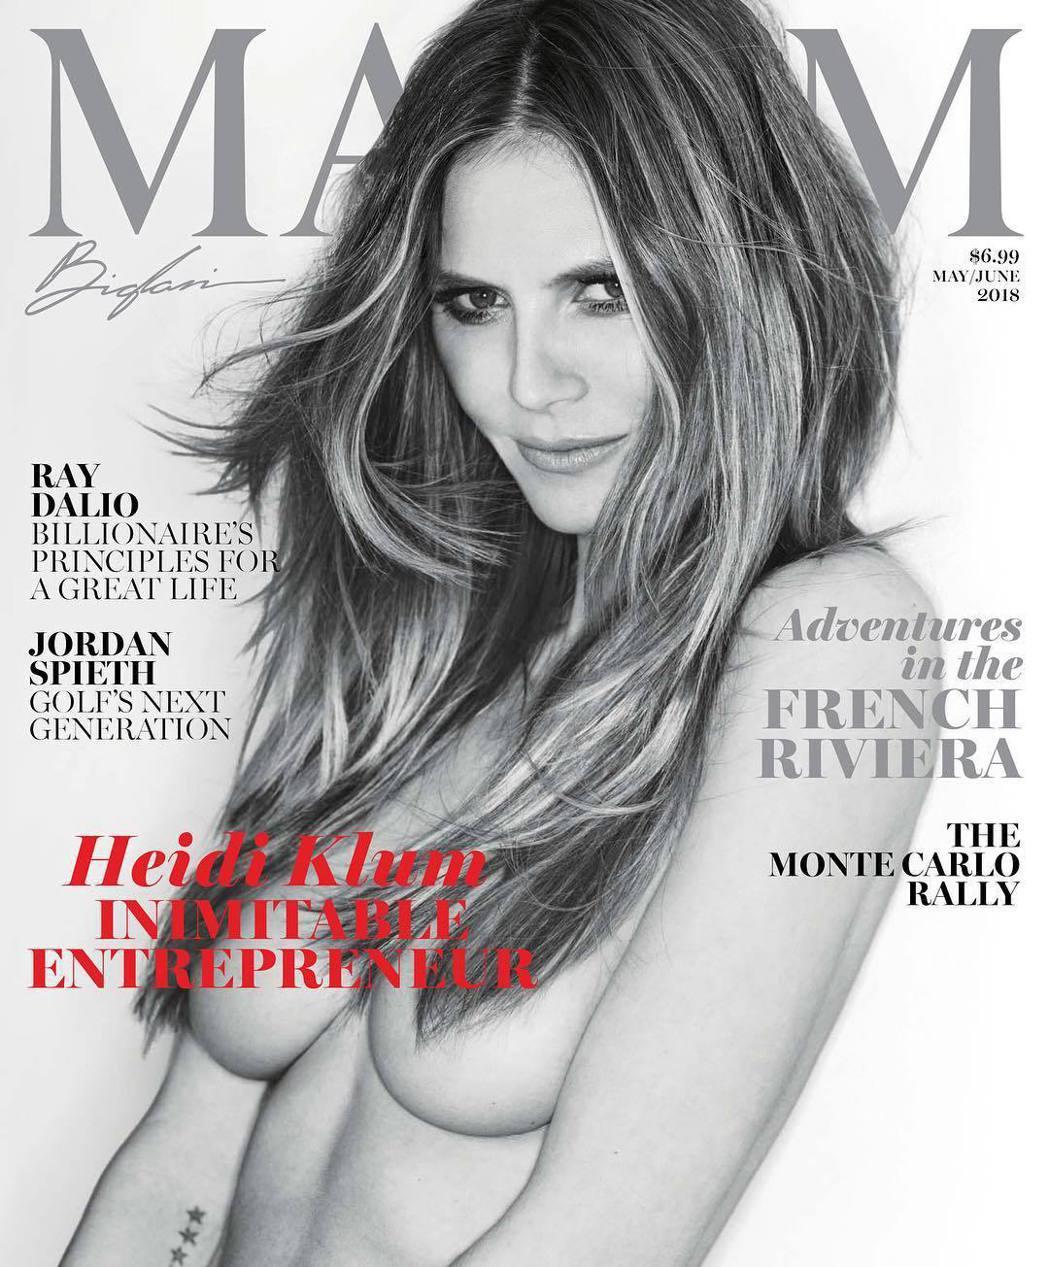 海蒂克隆對裸體態度大方,還是不時為雜誌寬衣解帶。圖/摘自Instagram